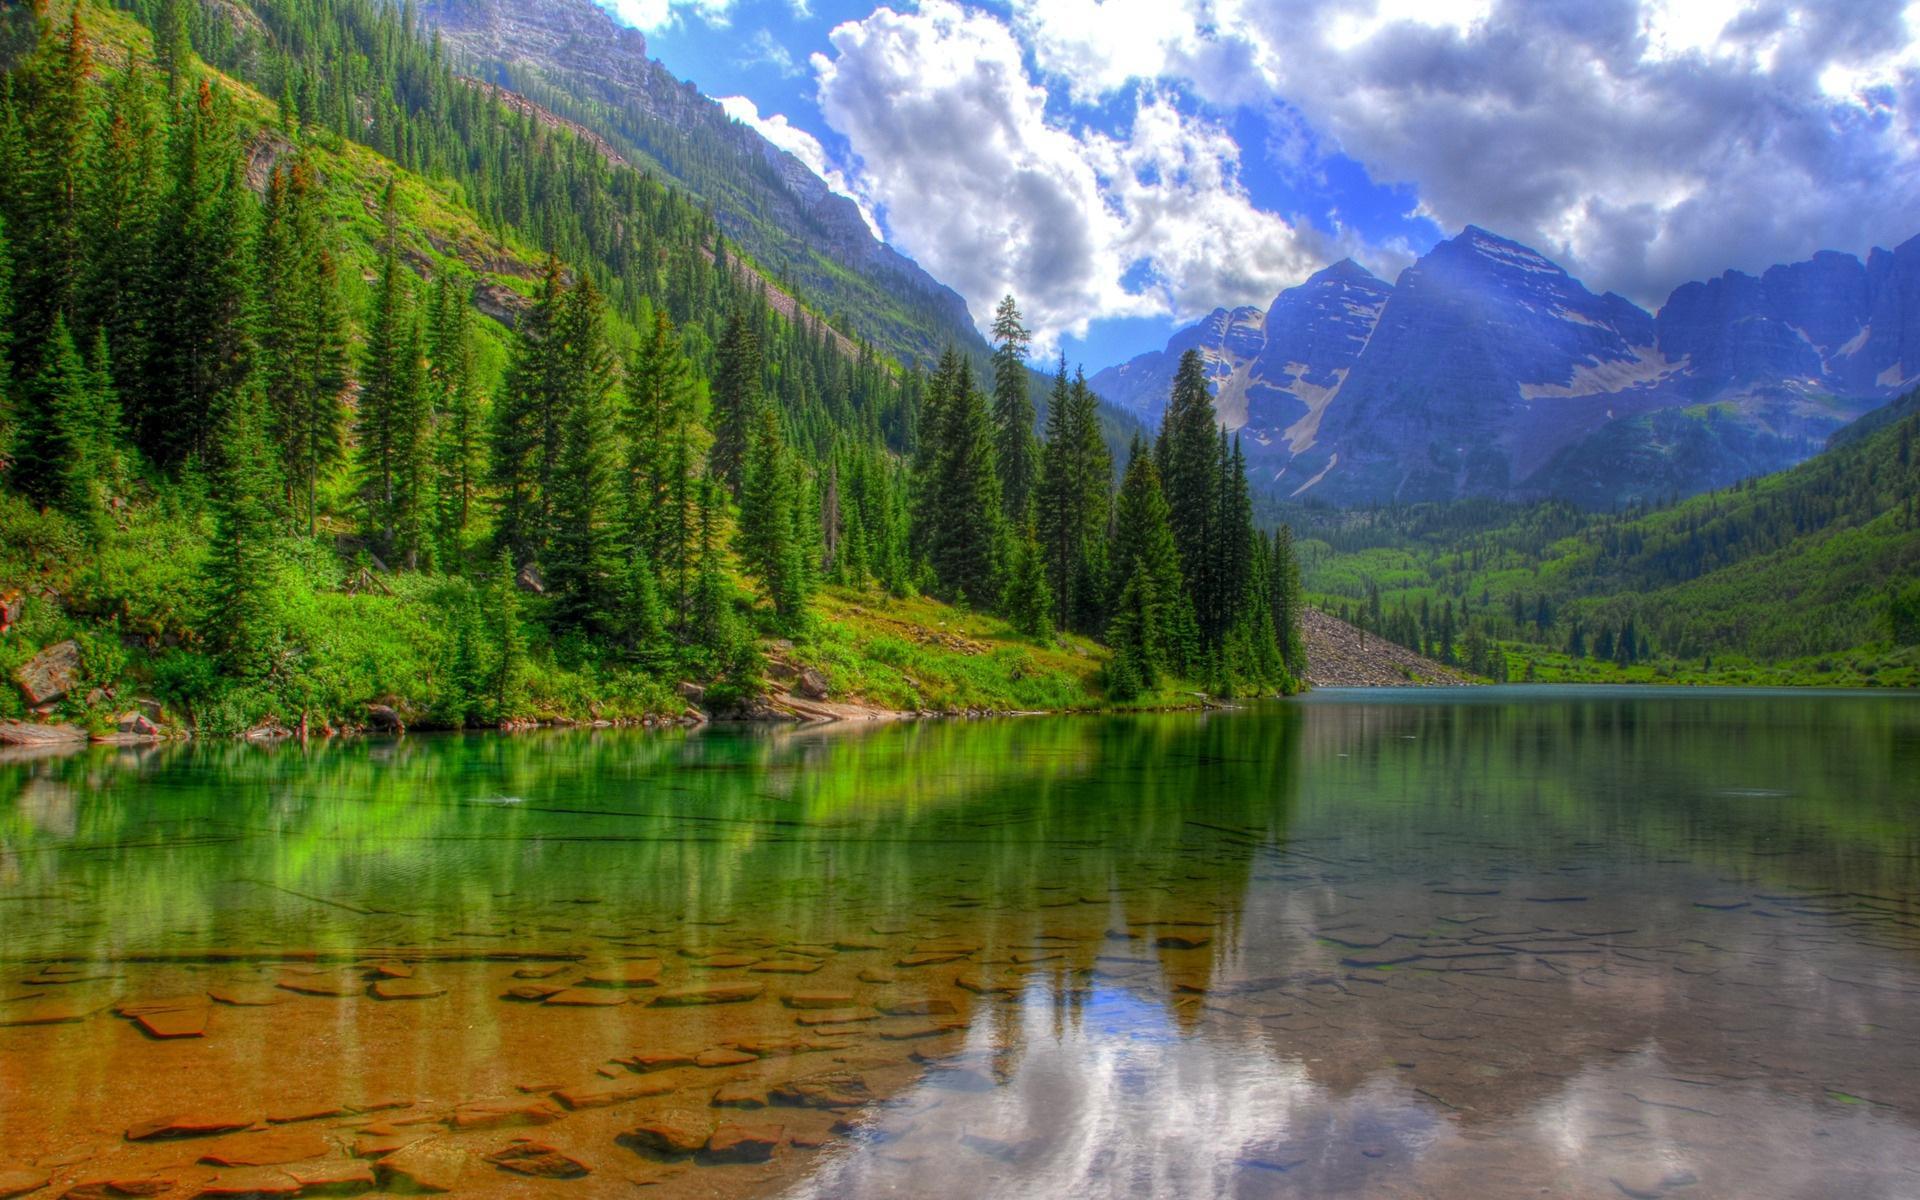 Озеро деревья горы облака обои для